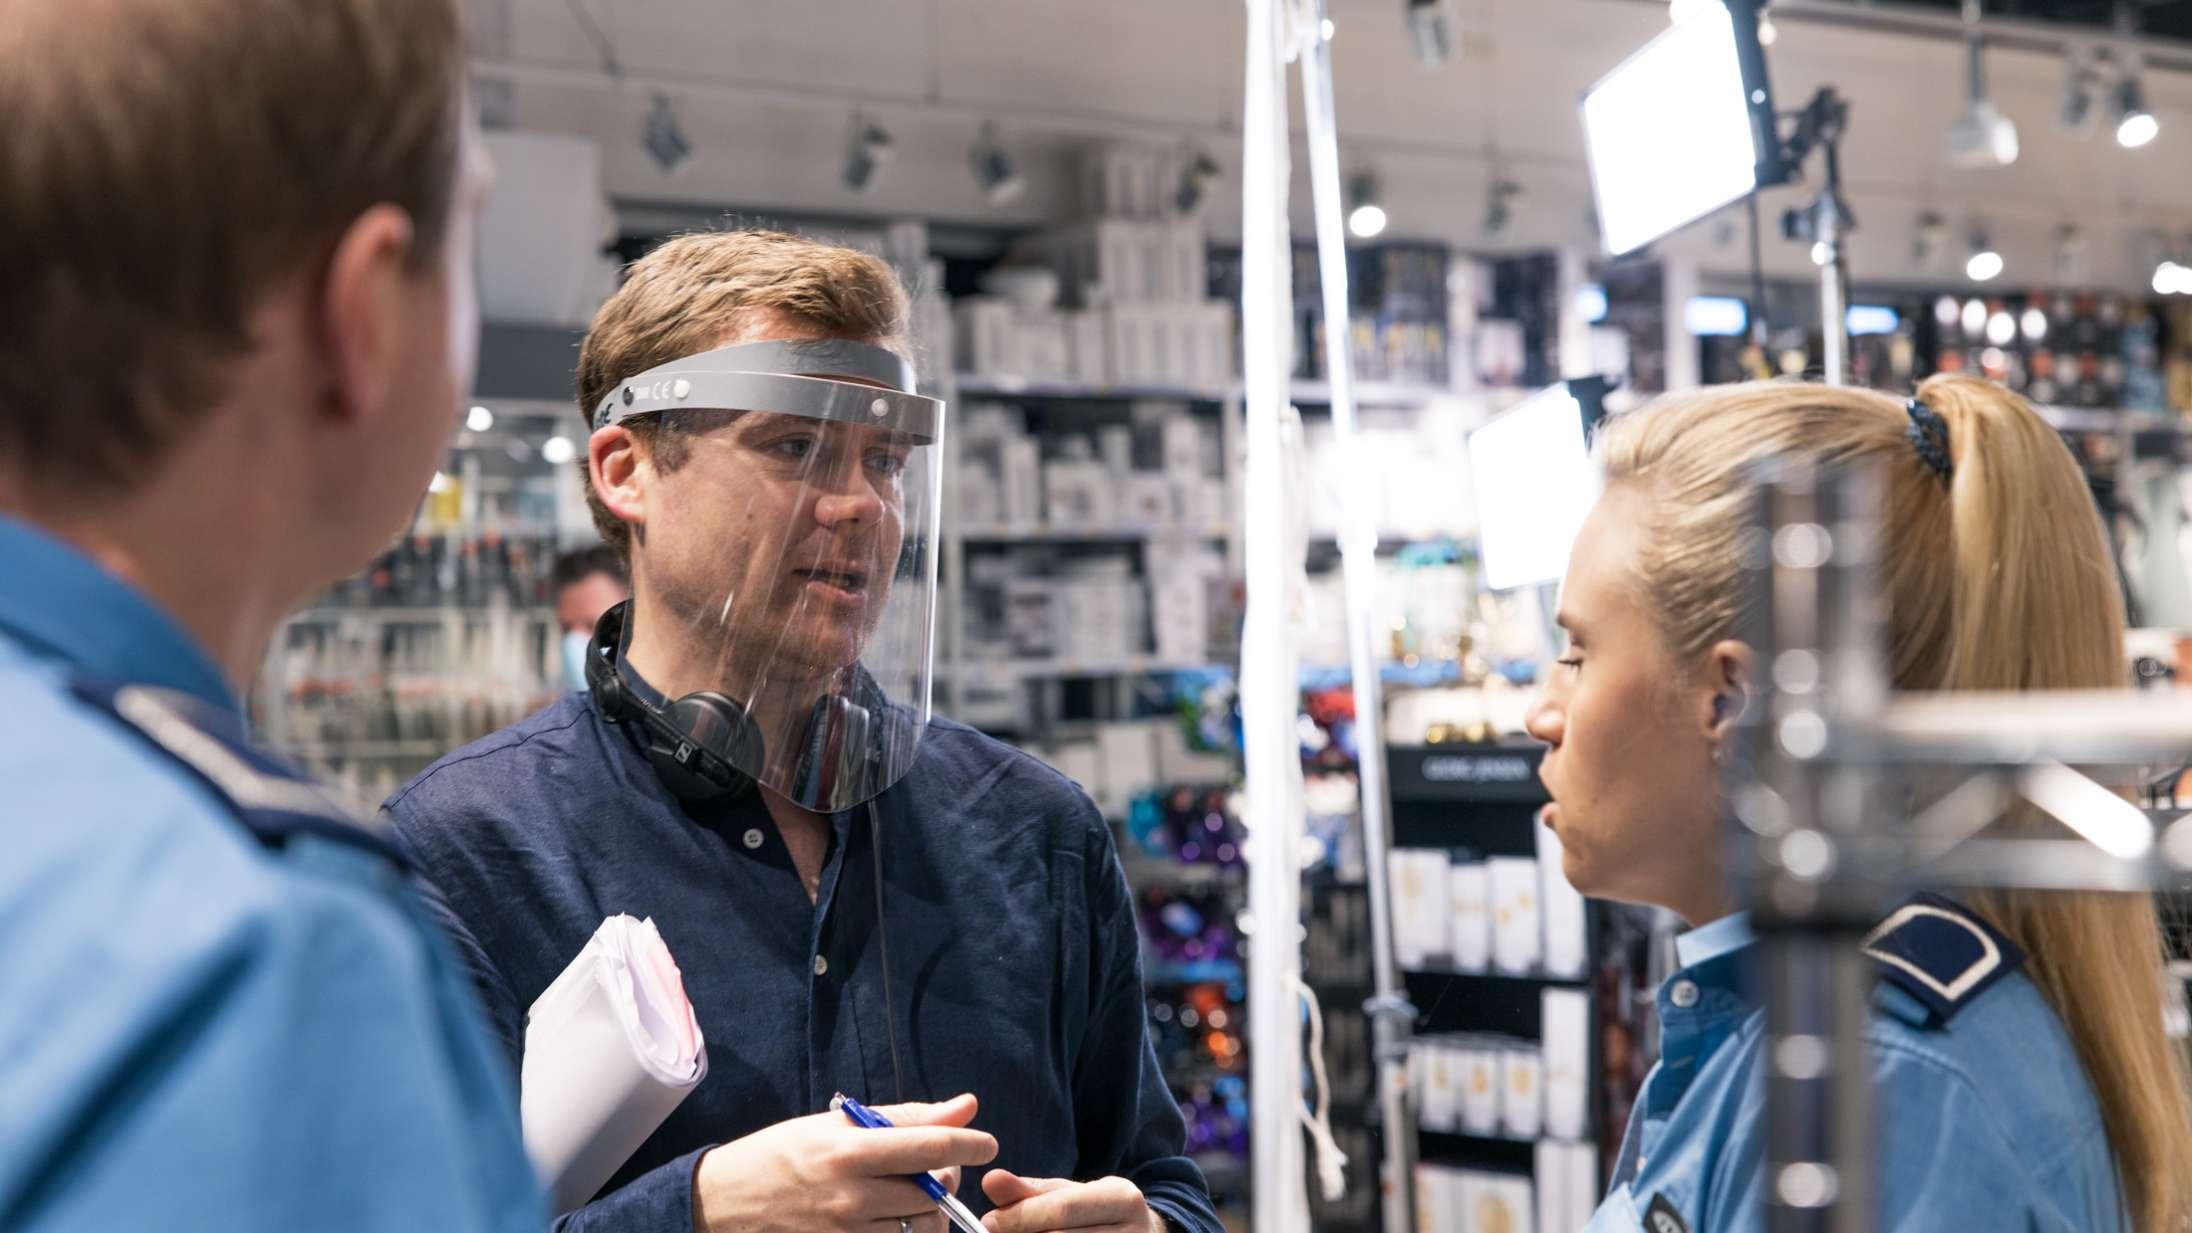 Dansk films mest anmelderudskældte mand er tilbage: »Jeg må glæde mig over, at jeg har publikum med mig«